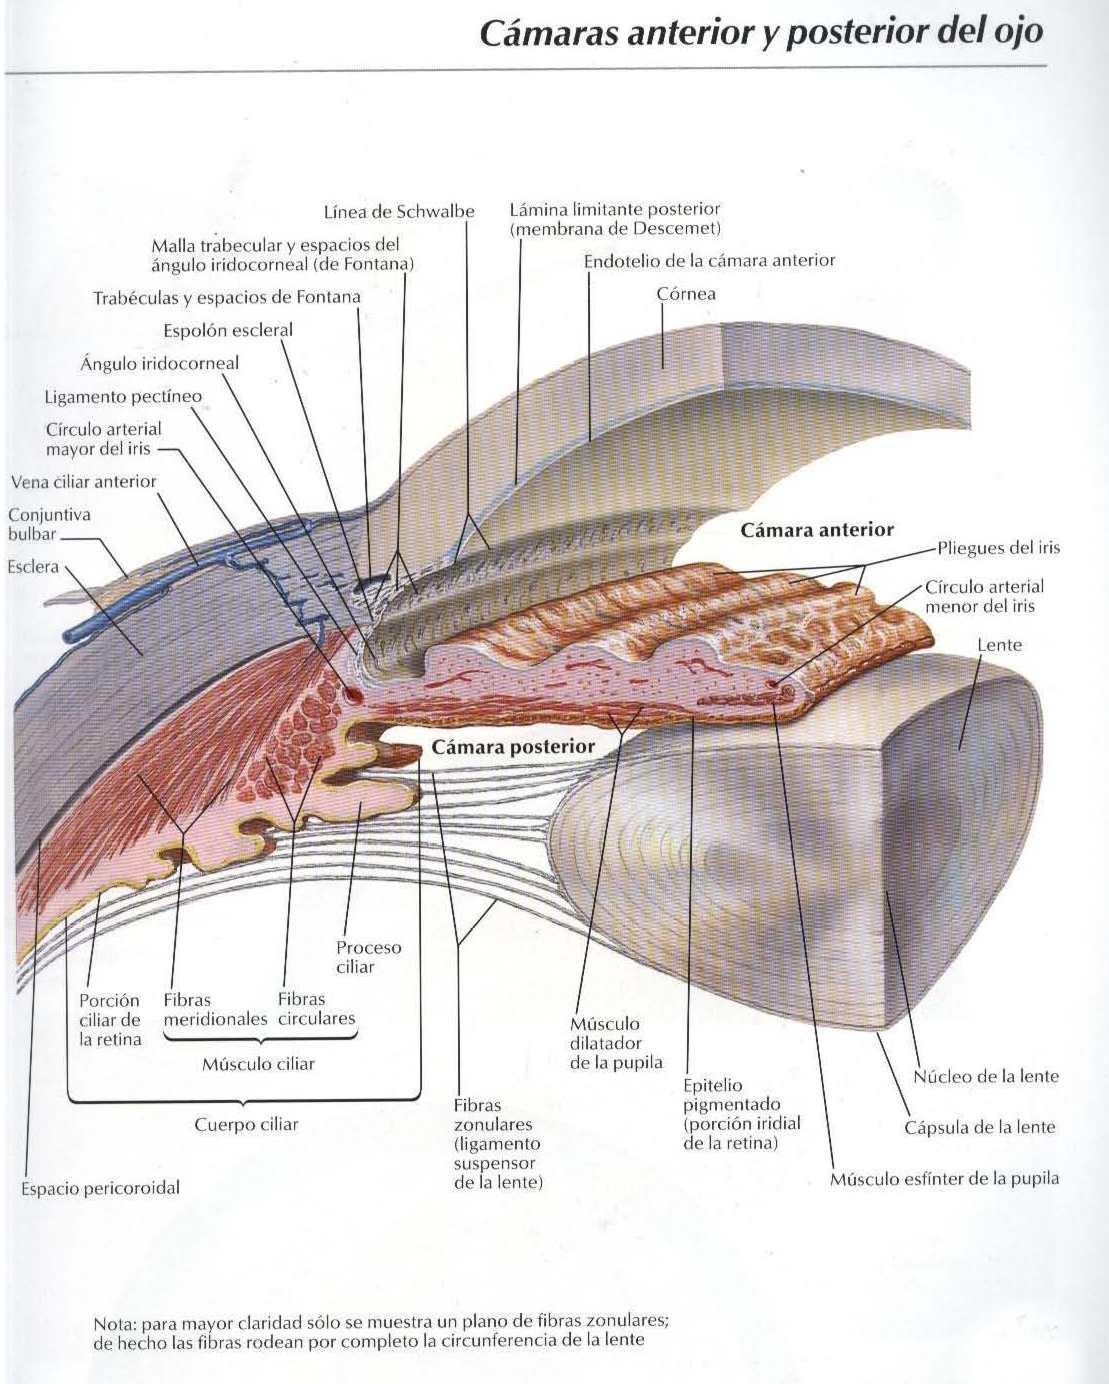 Cámara anterior y posterior del ojo humano - Salud, vida sana, la ...